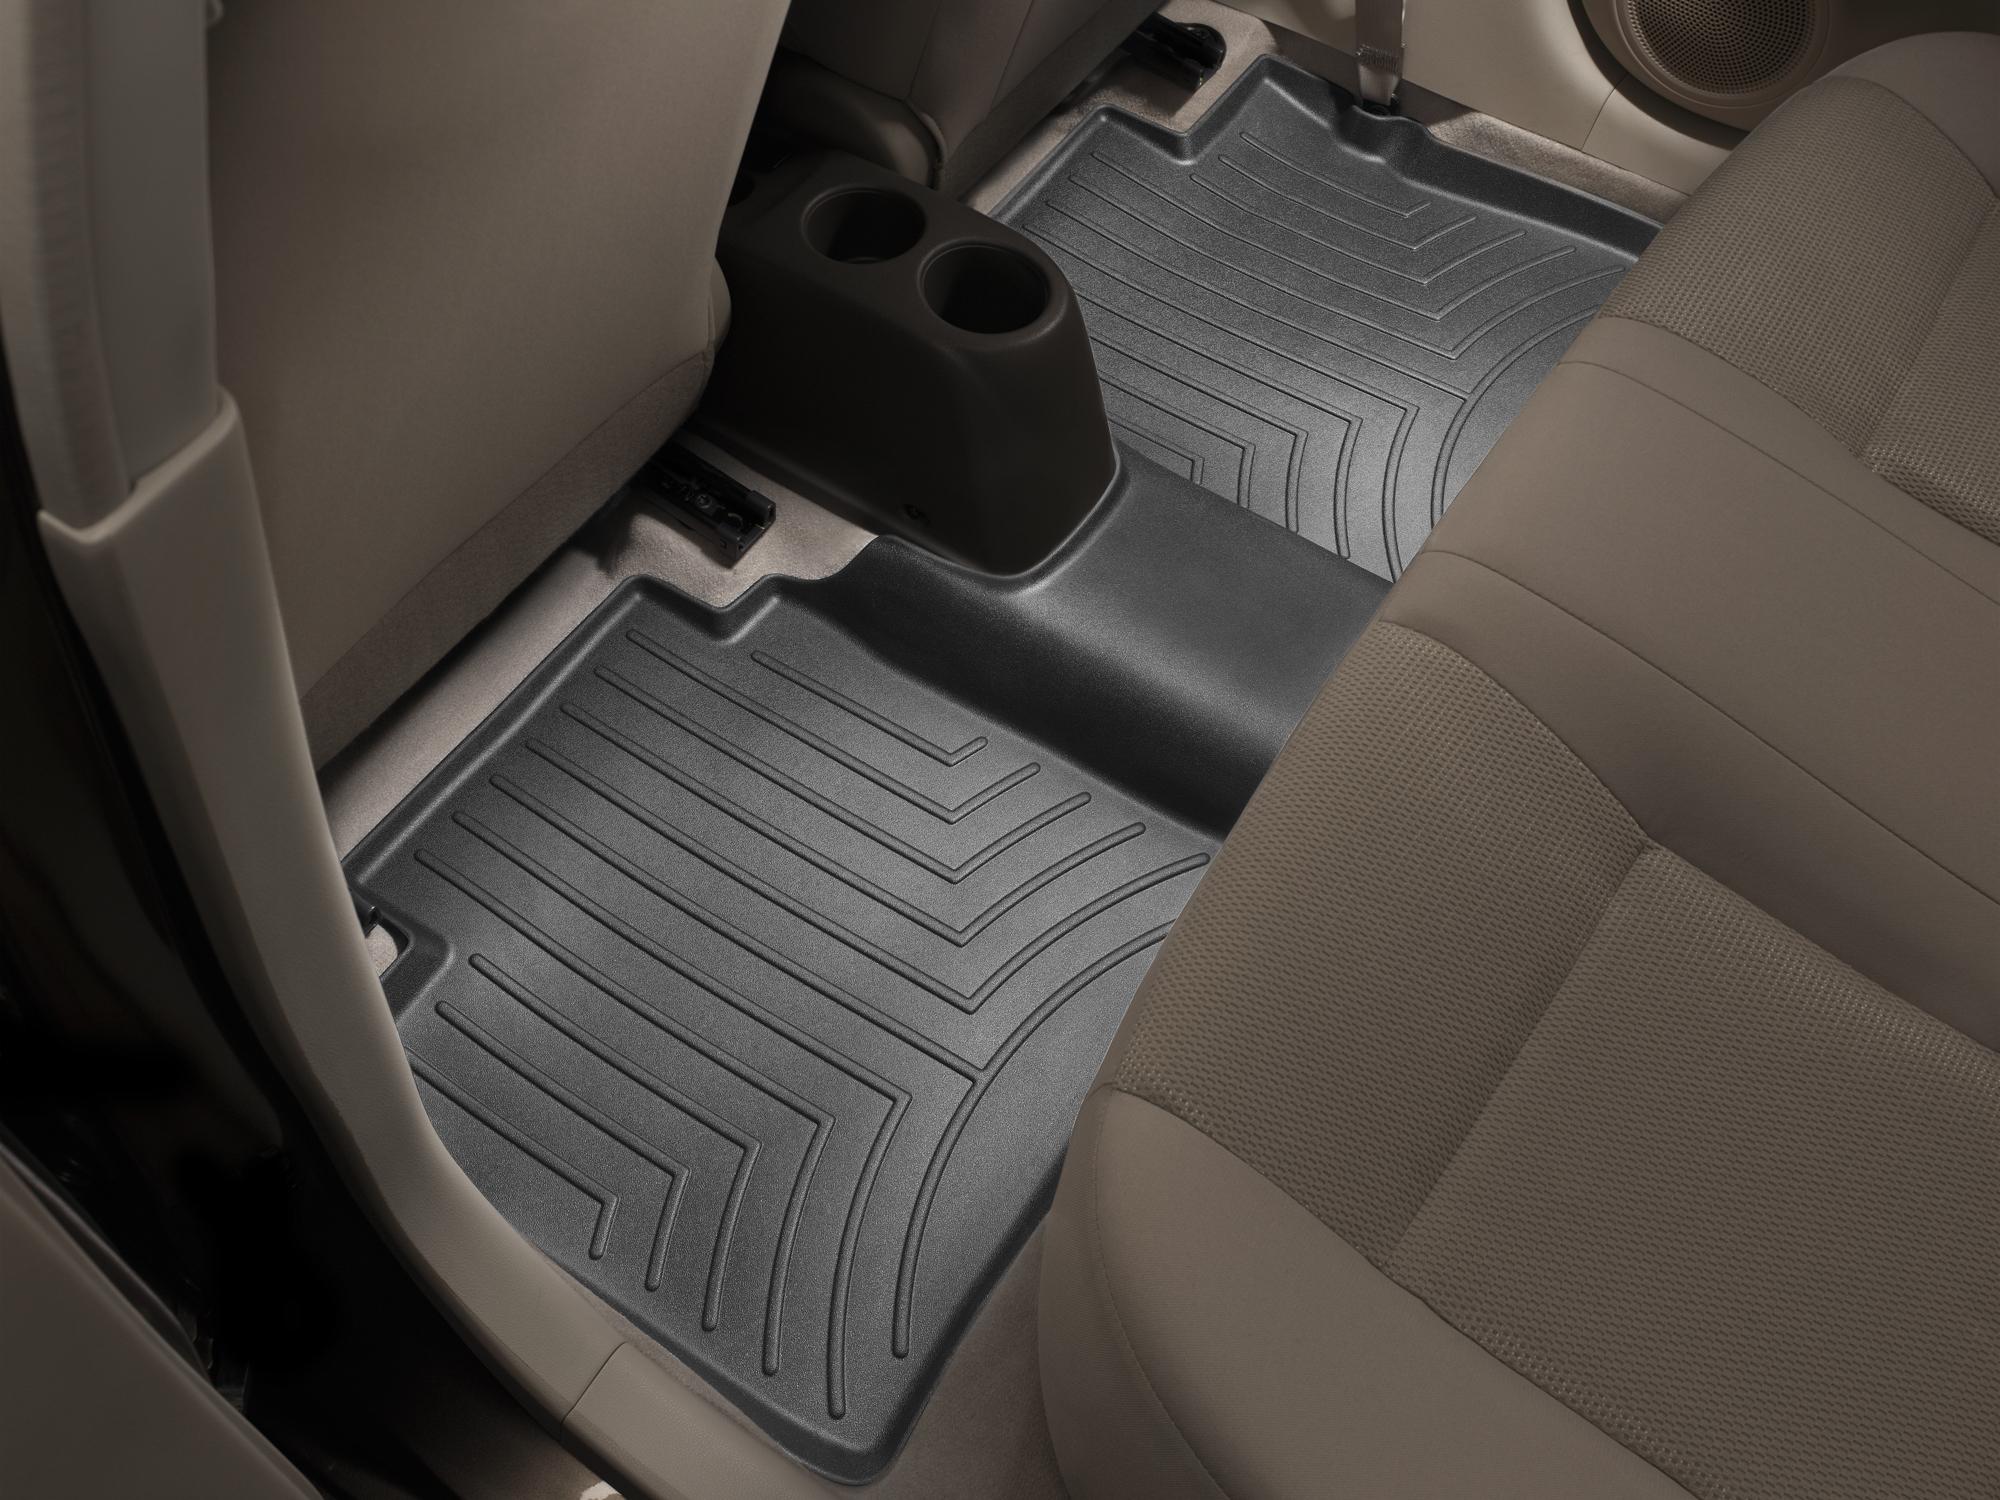 Tappeti gomma su misura bordo alto Nissan Note 13>13 Nero A2900